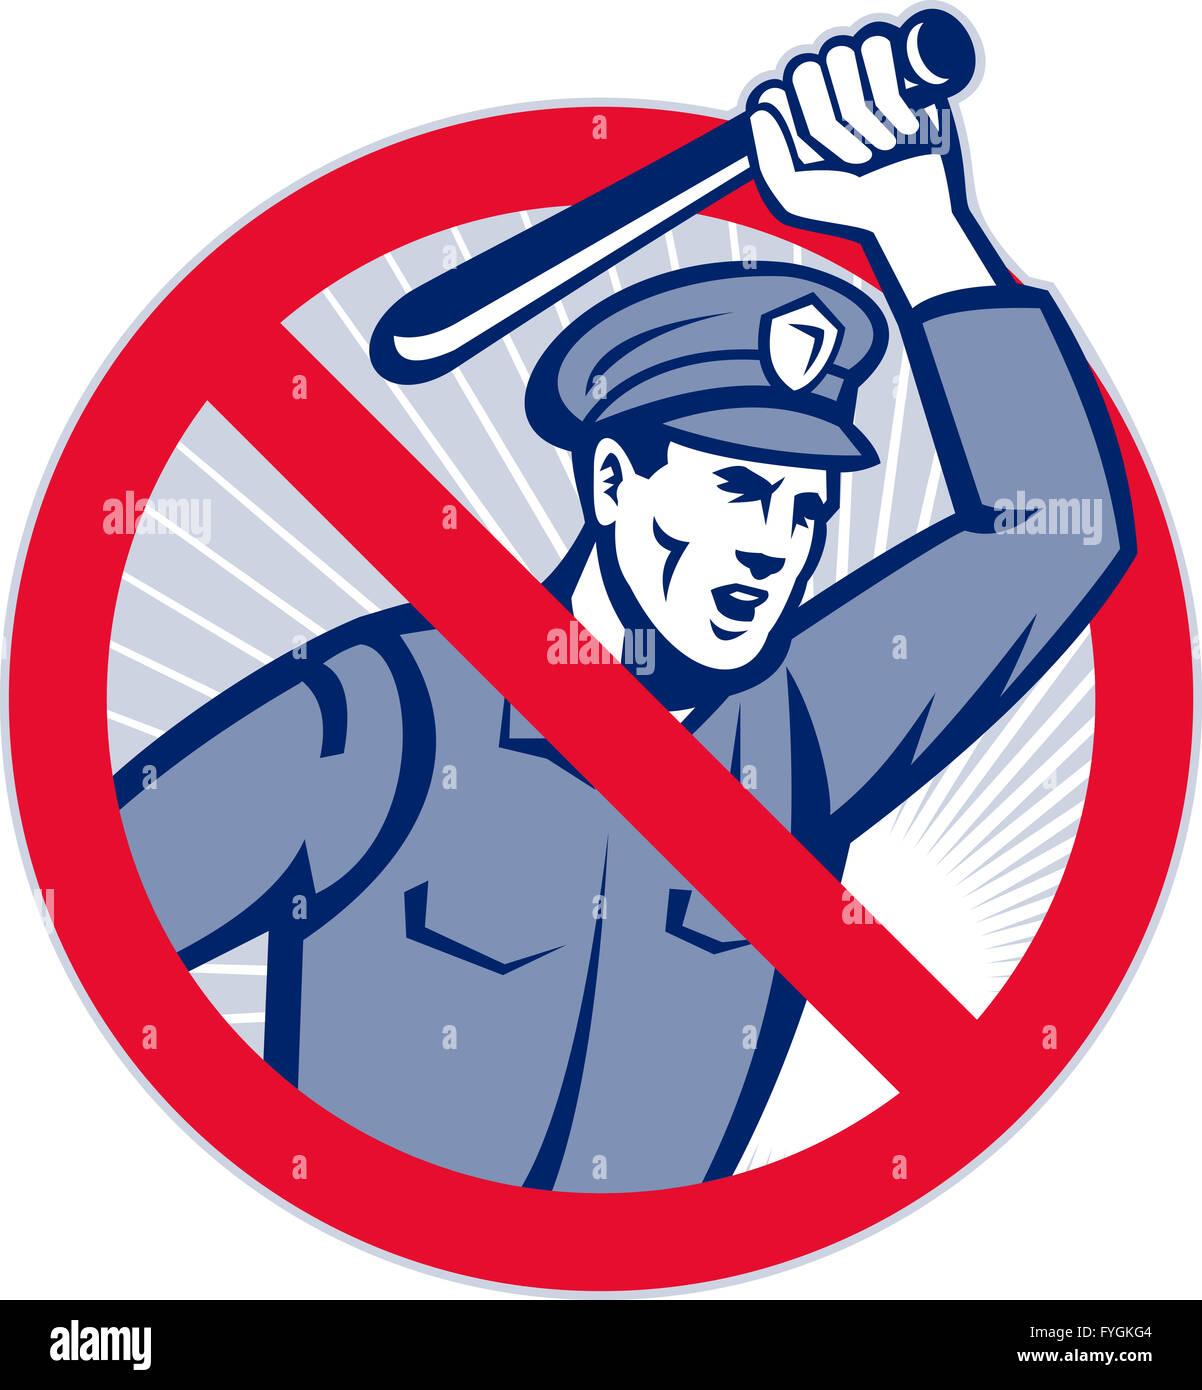 Police Brutality Policeman With Baton - Stock Image